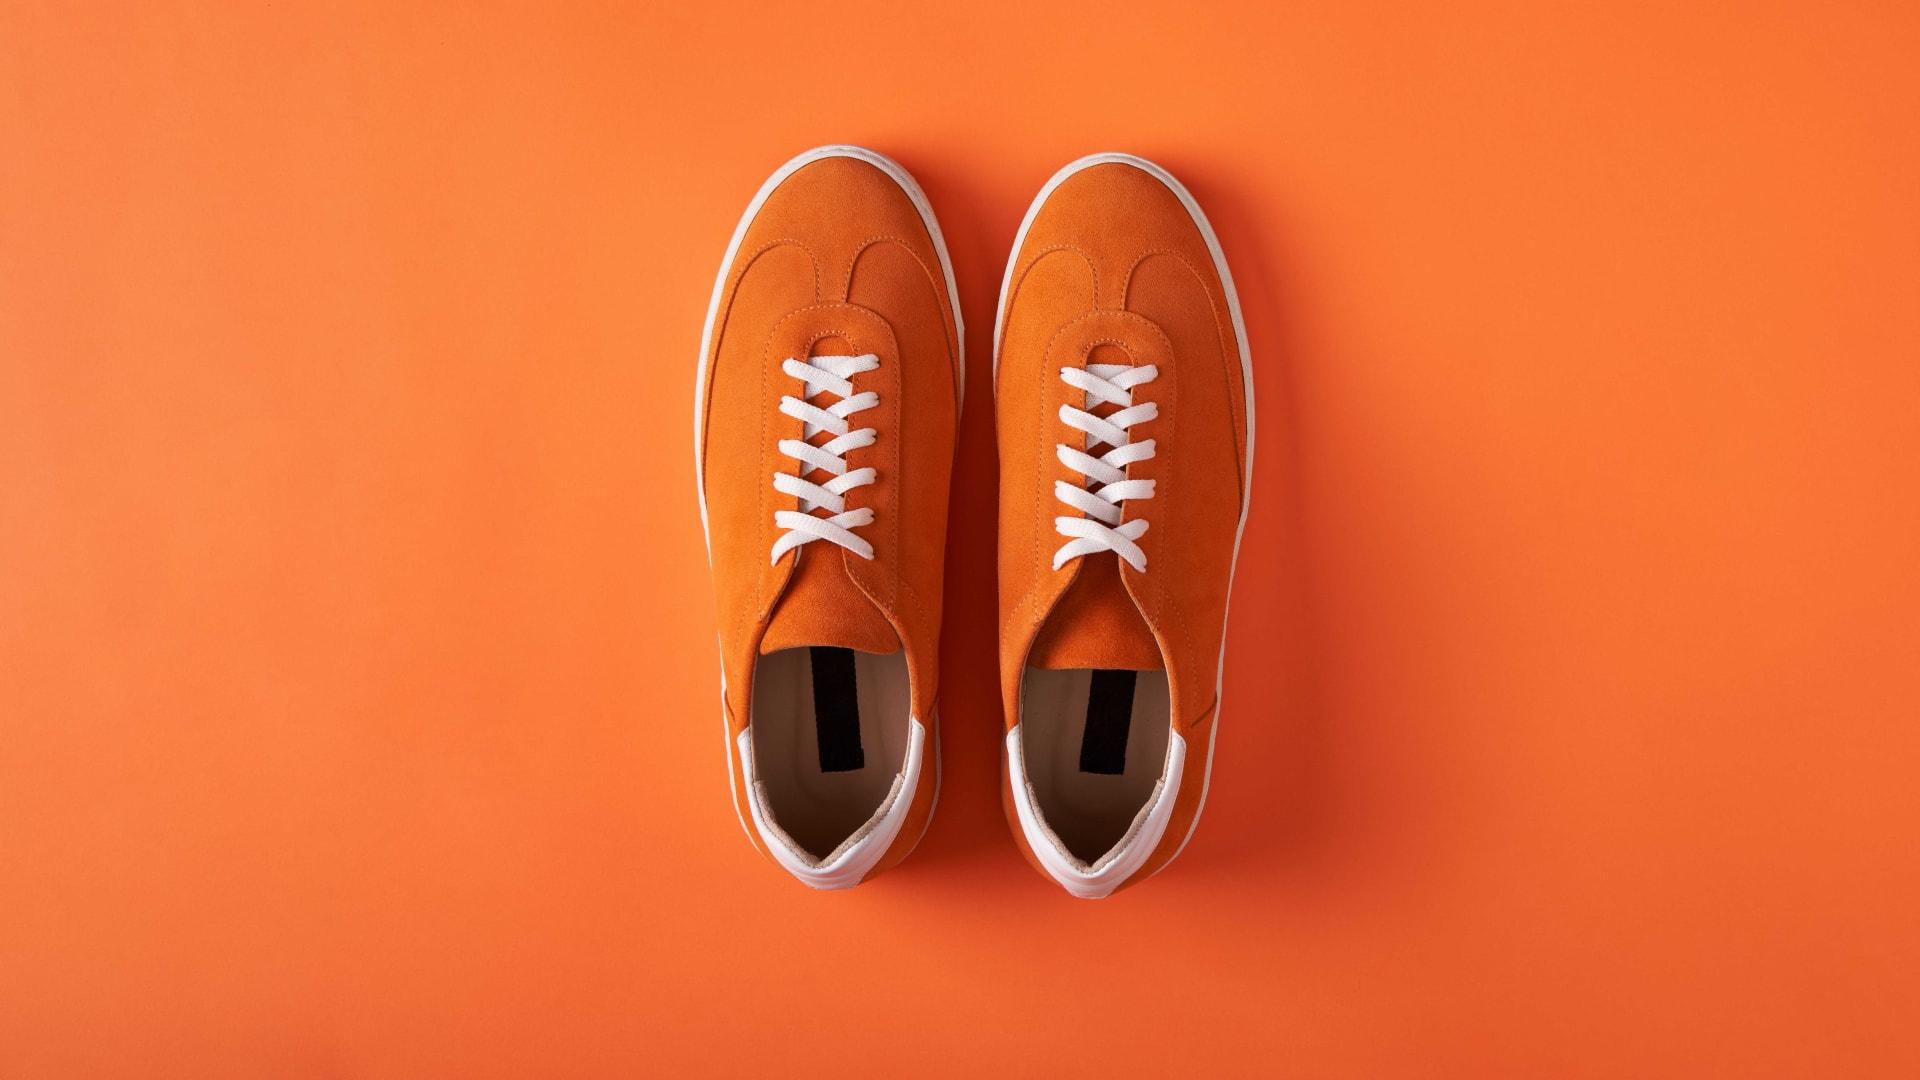 Why I Wear Orange Shoes Everyday